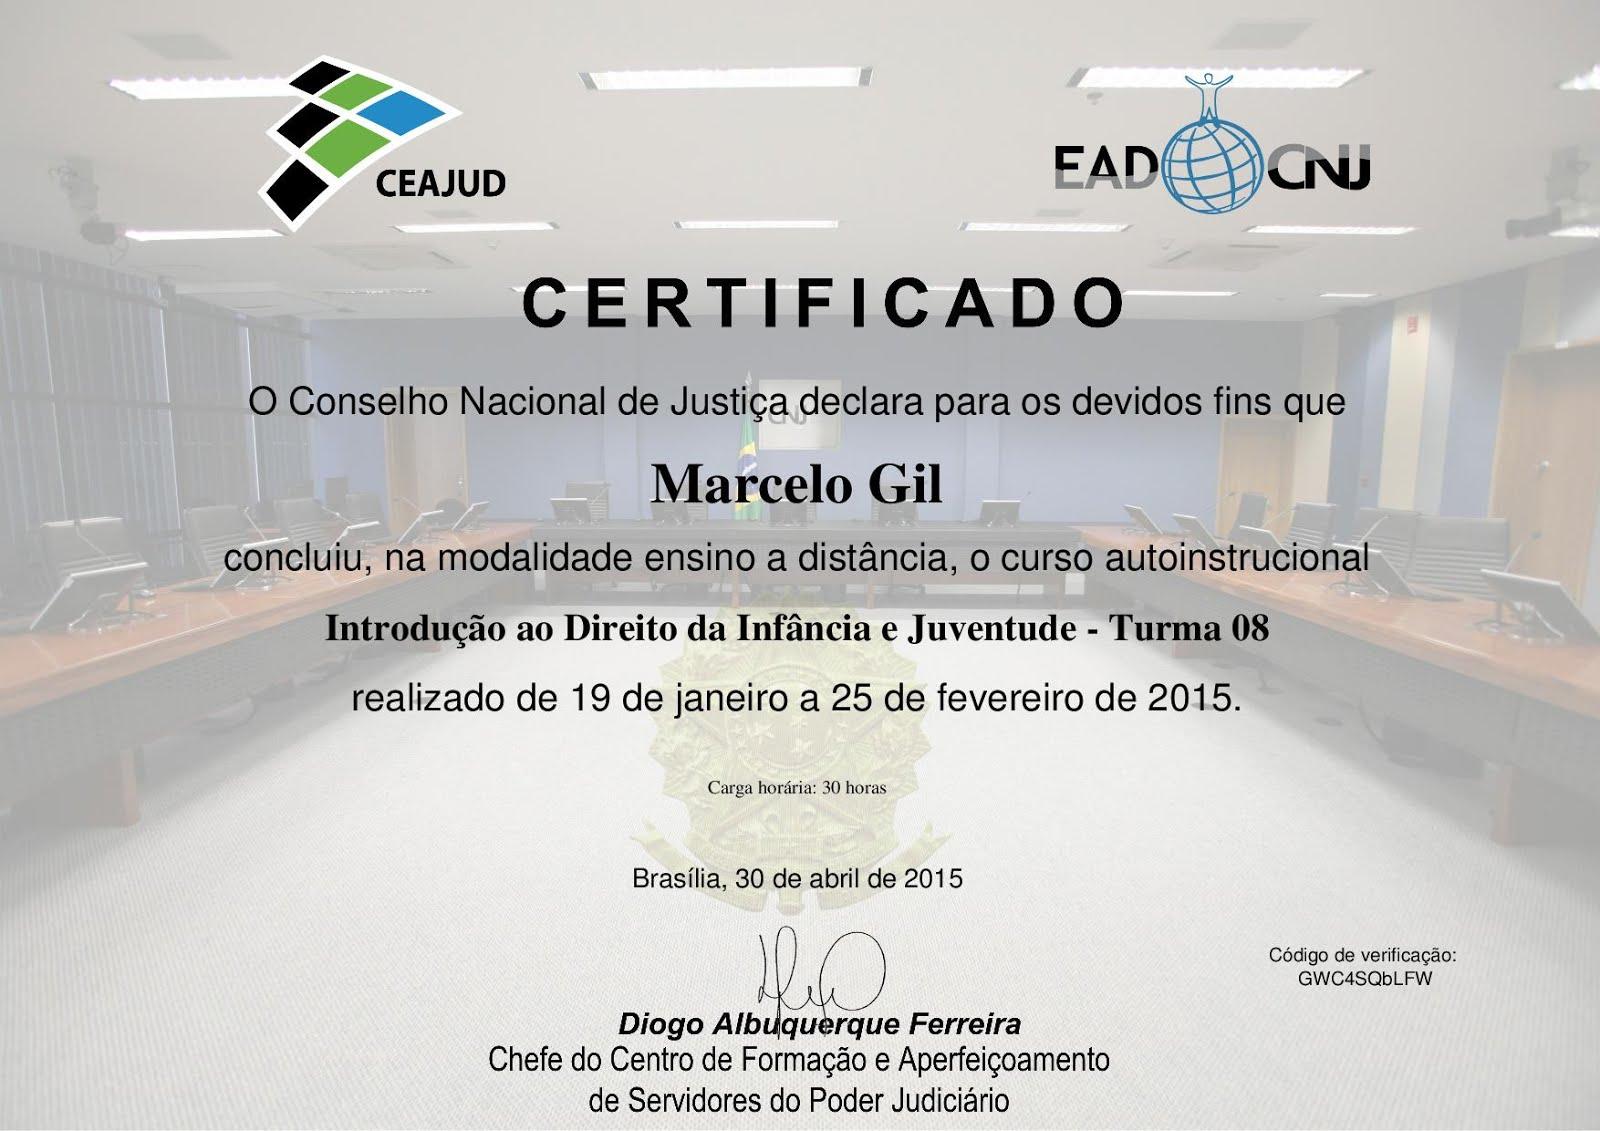 CERTIFICADO DO CONSELHO NACIONAL DE JUSTIÇA CONCEDIDO À MARCELO GIL / 2015